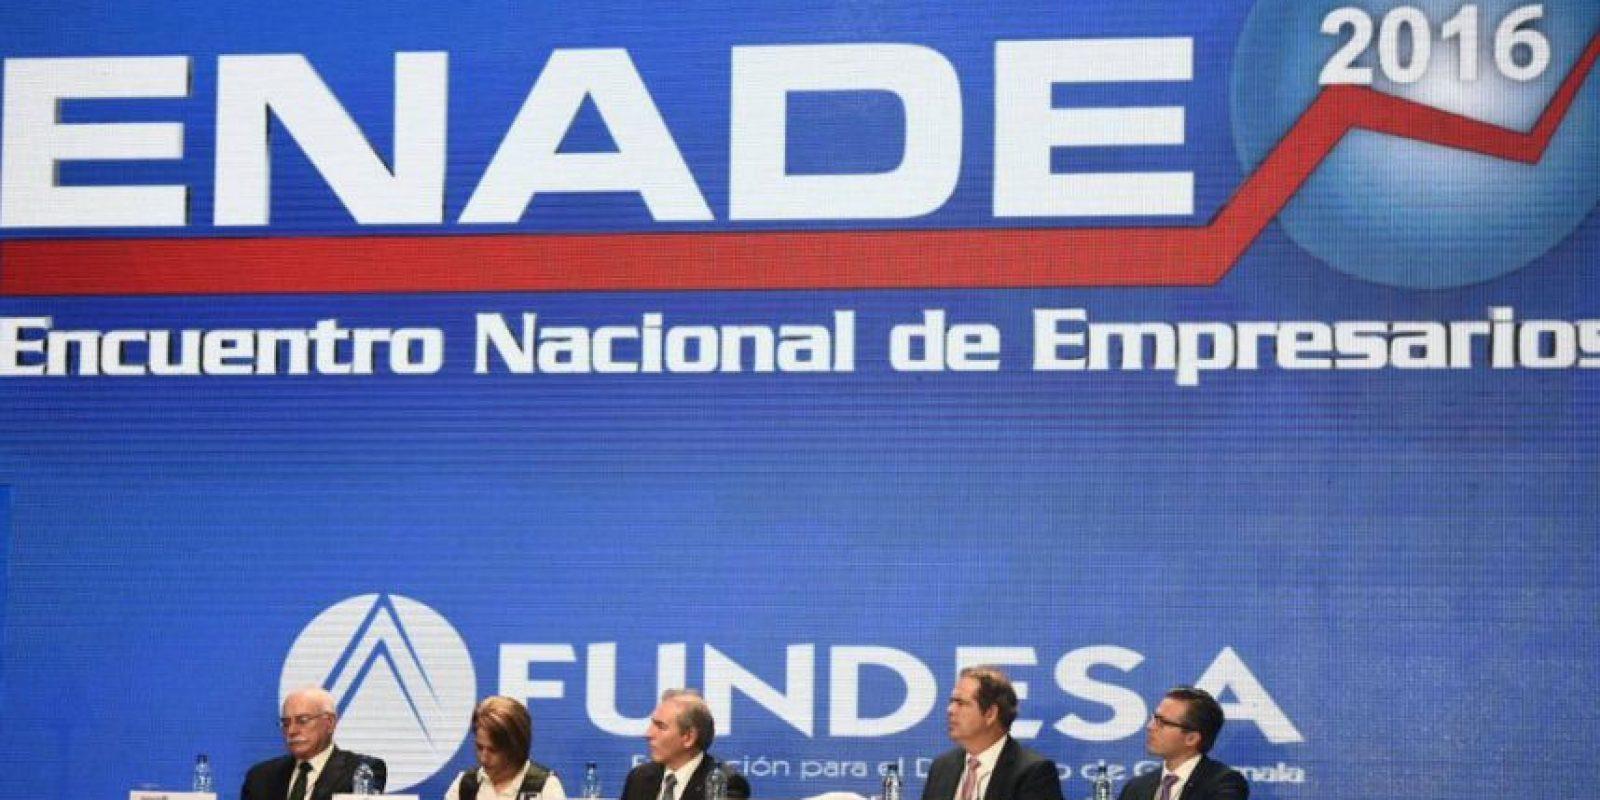 Integrantes de Fundesa inauguran el Enade Foto:Oliver de Ros